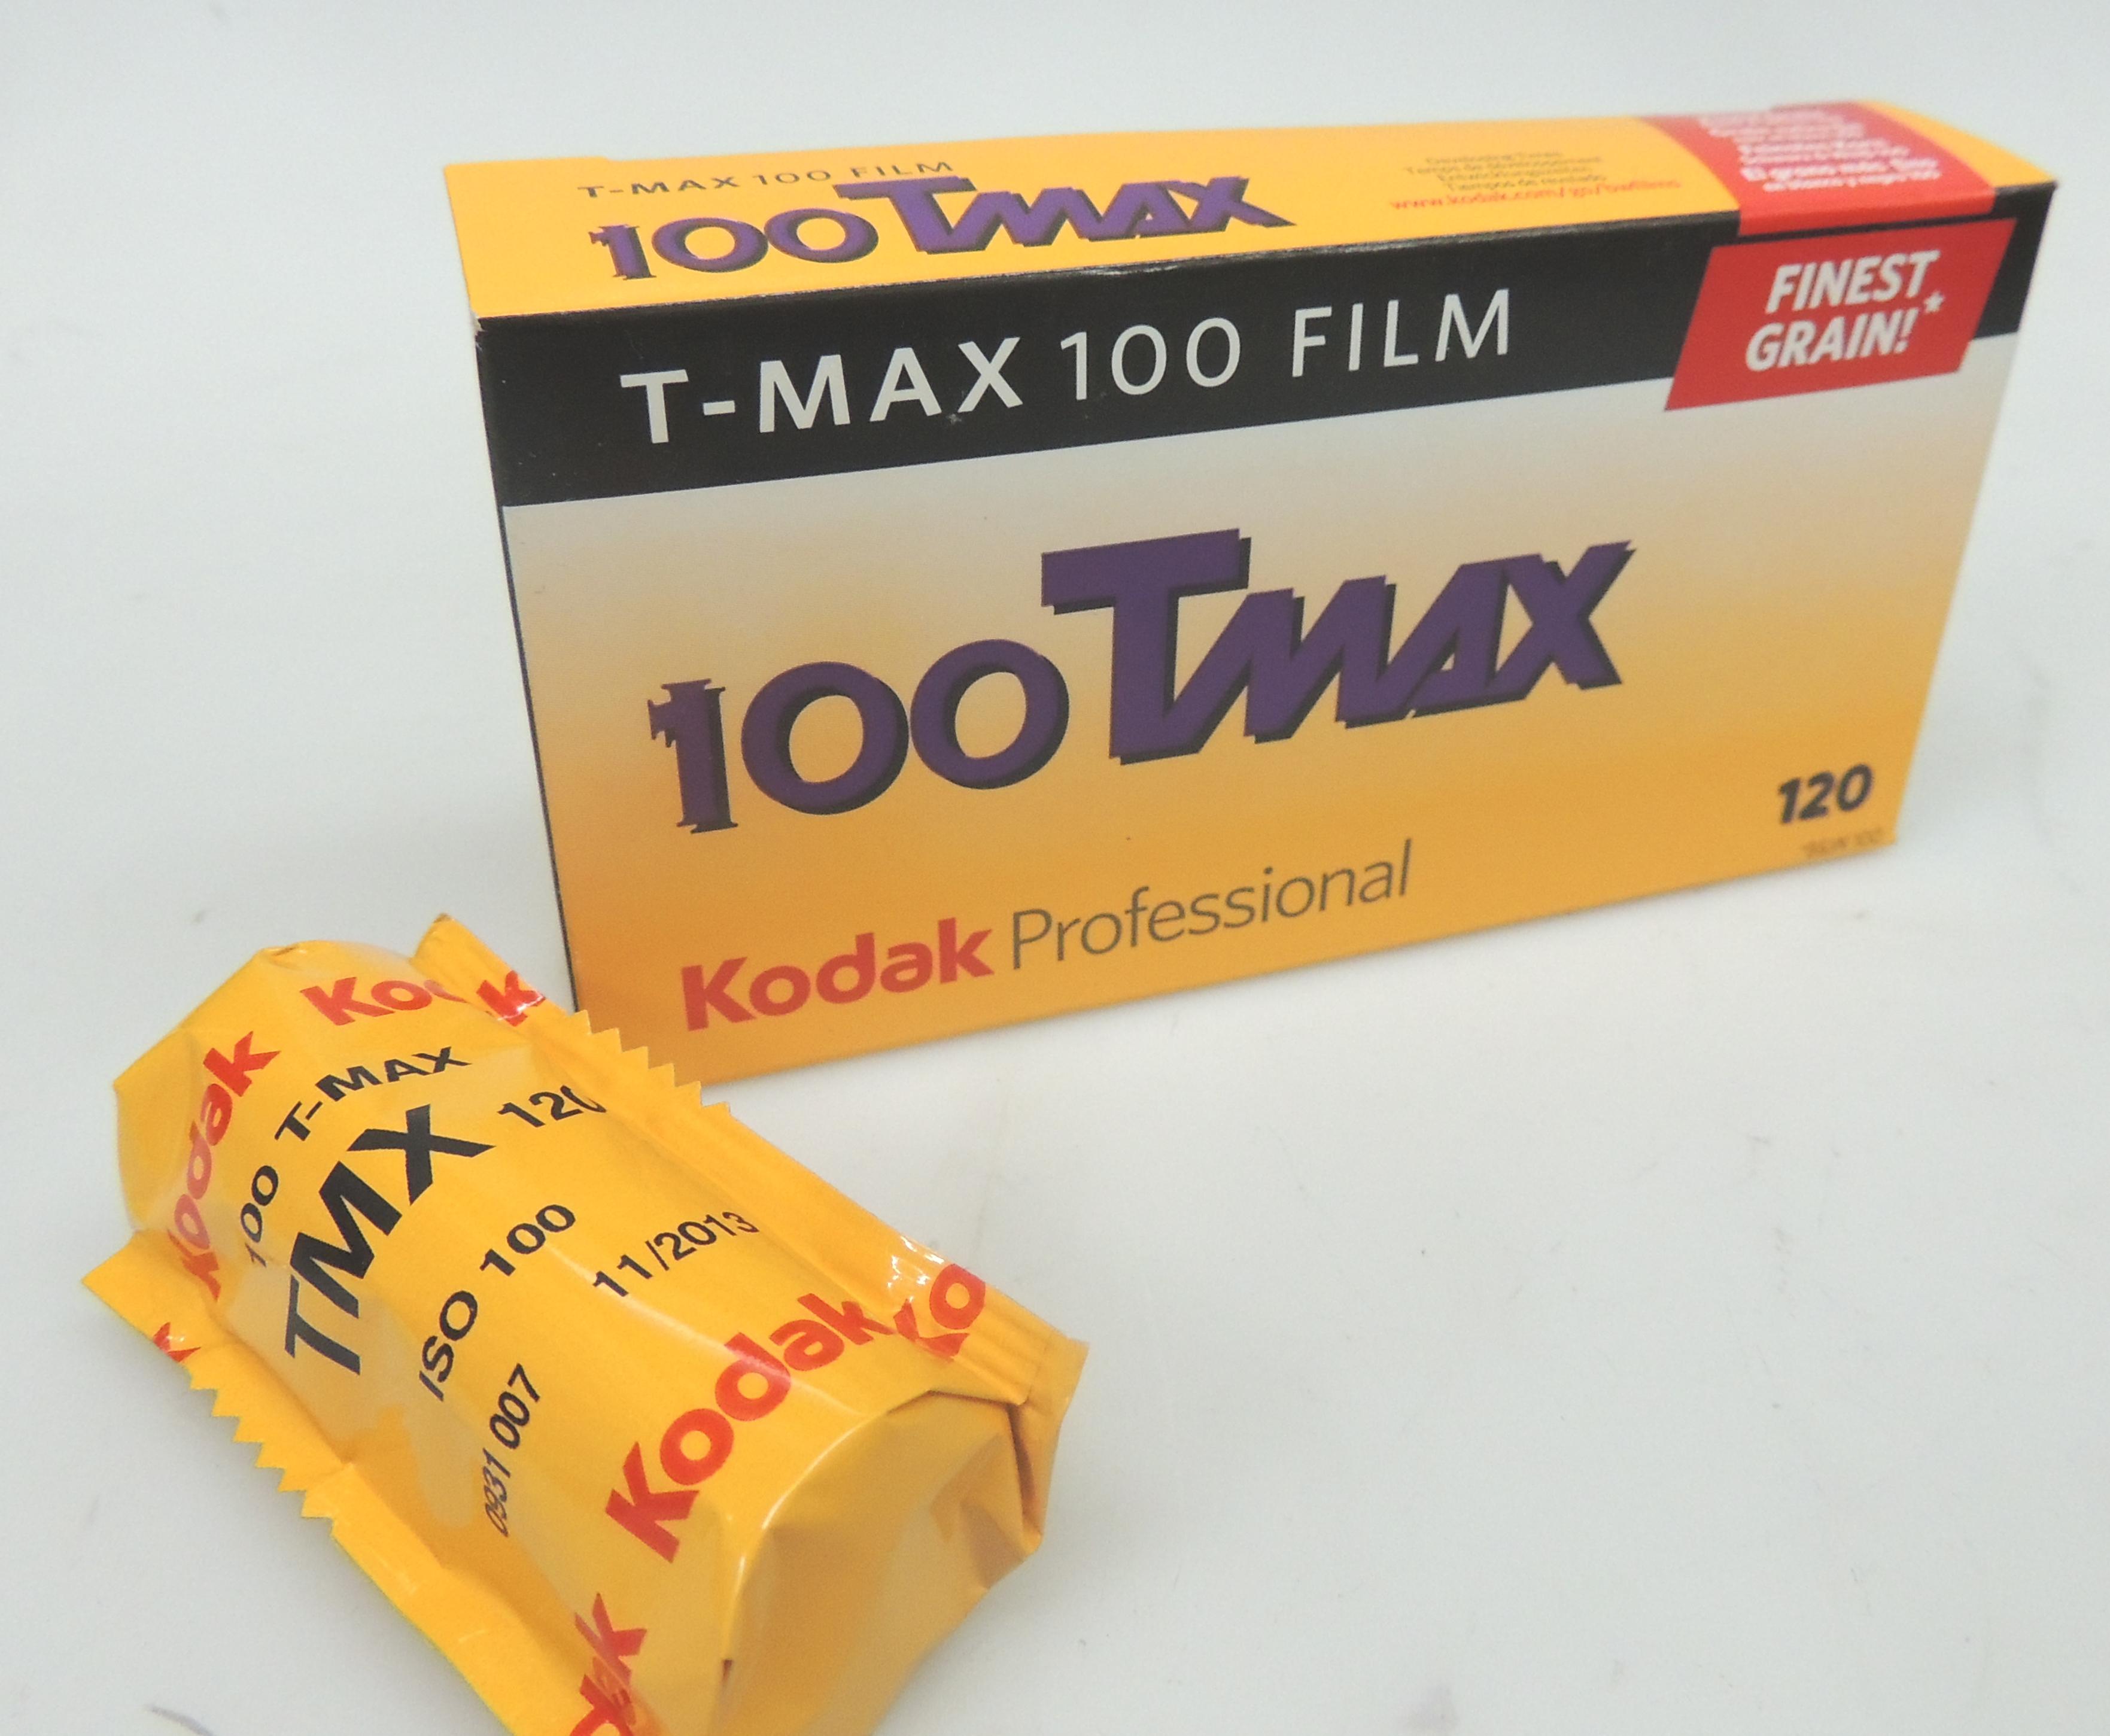 Kodak 100 Tmax 120 B&W Film - x 5 Rolls